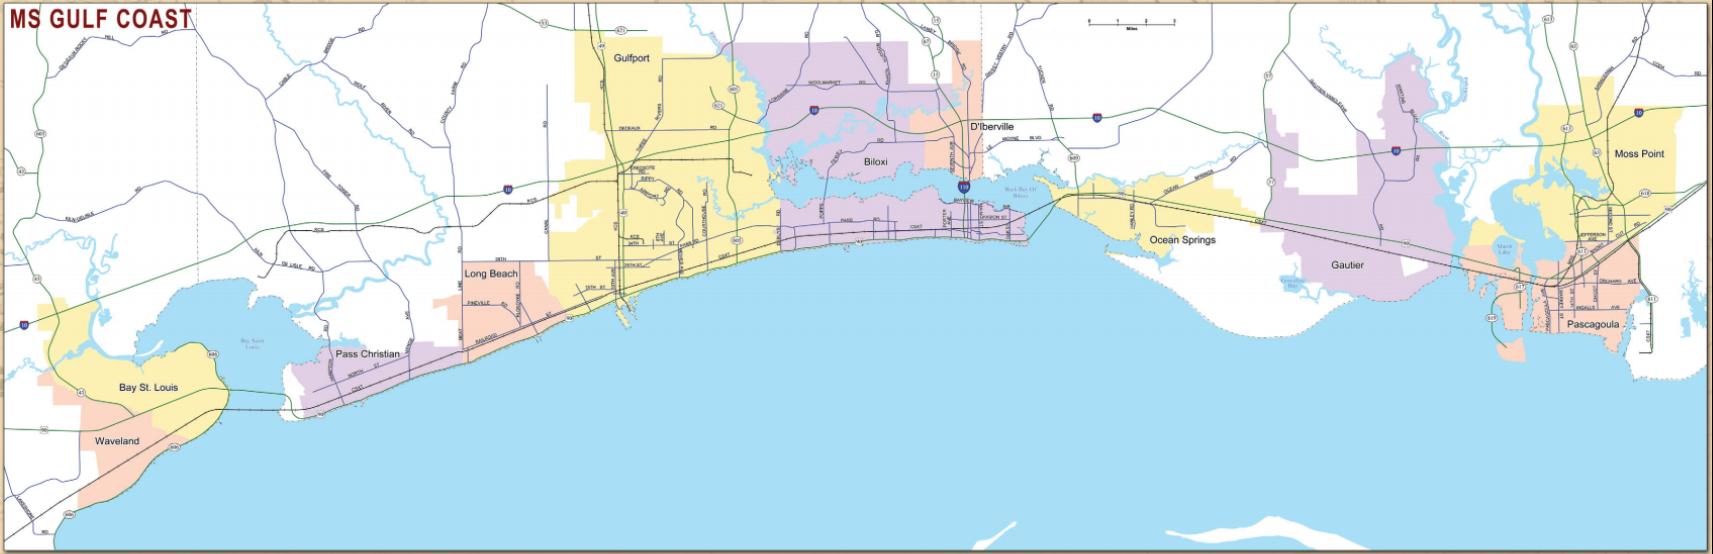 Rail Map MS Gulf Coast